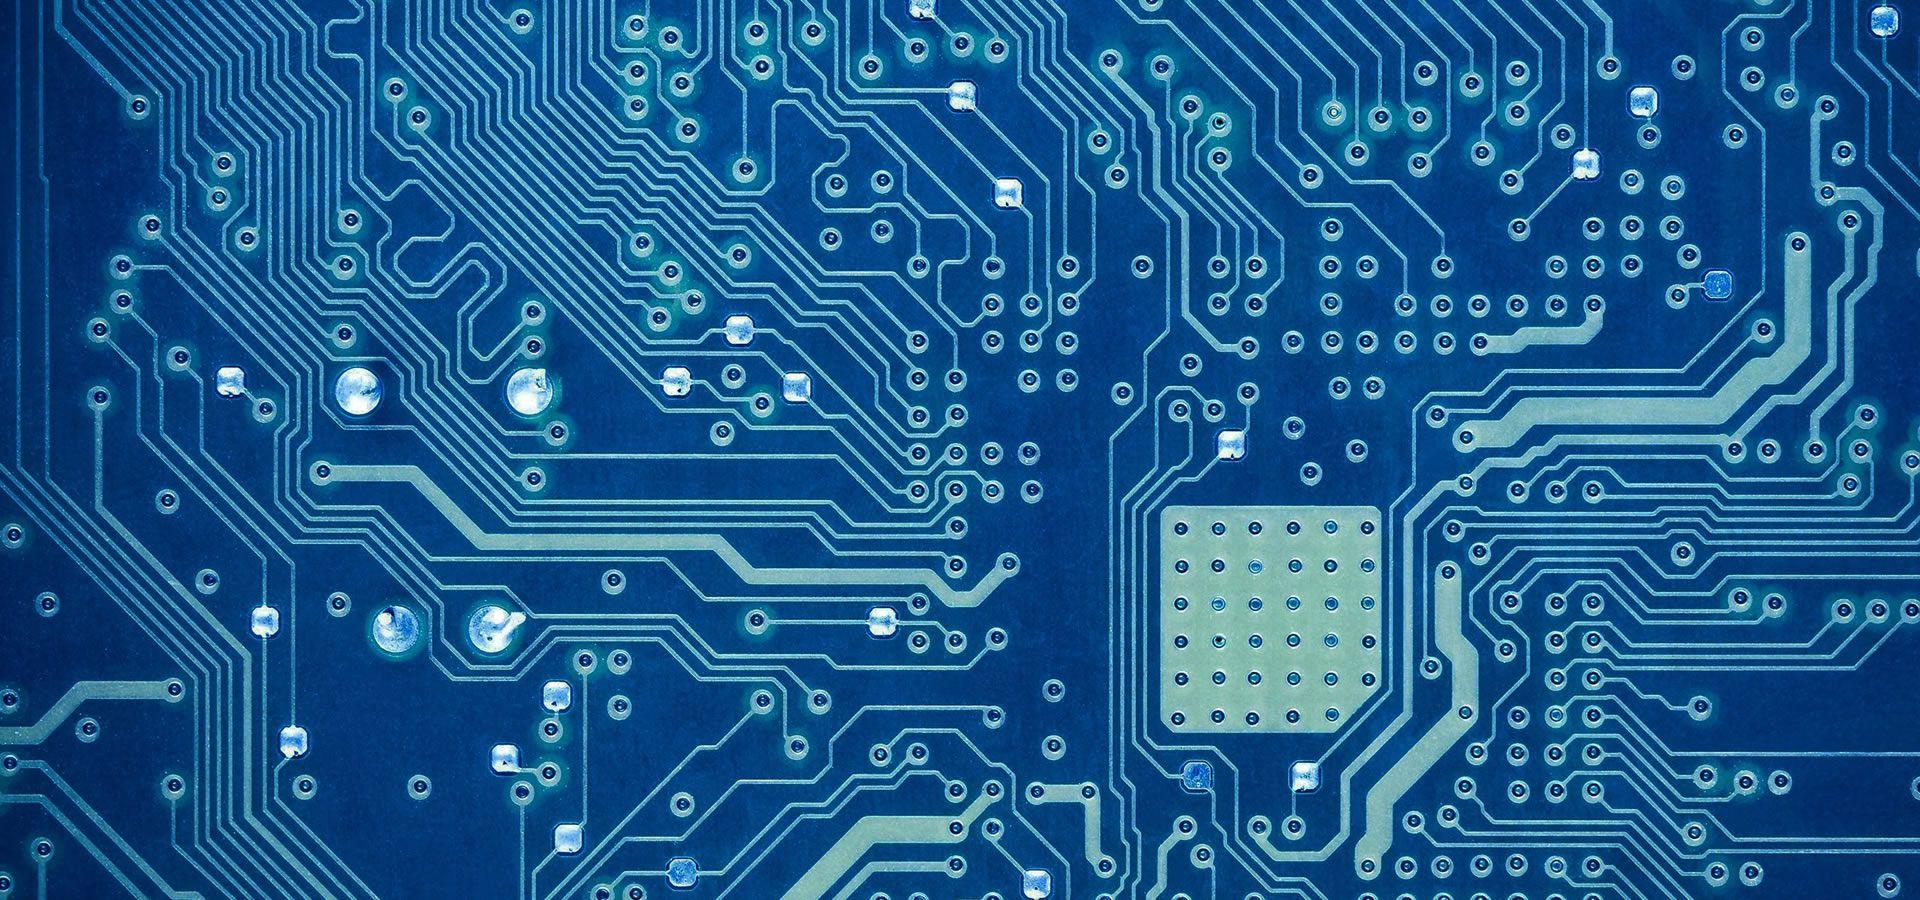 Modern Technology And Sri Lanka Future Technology Technology Iot